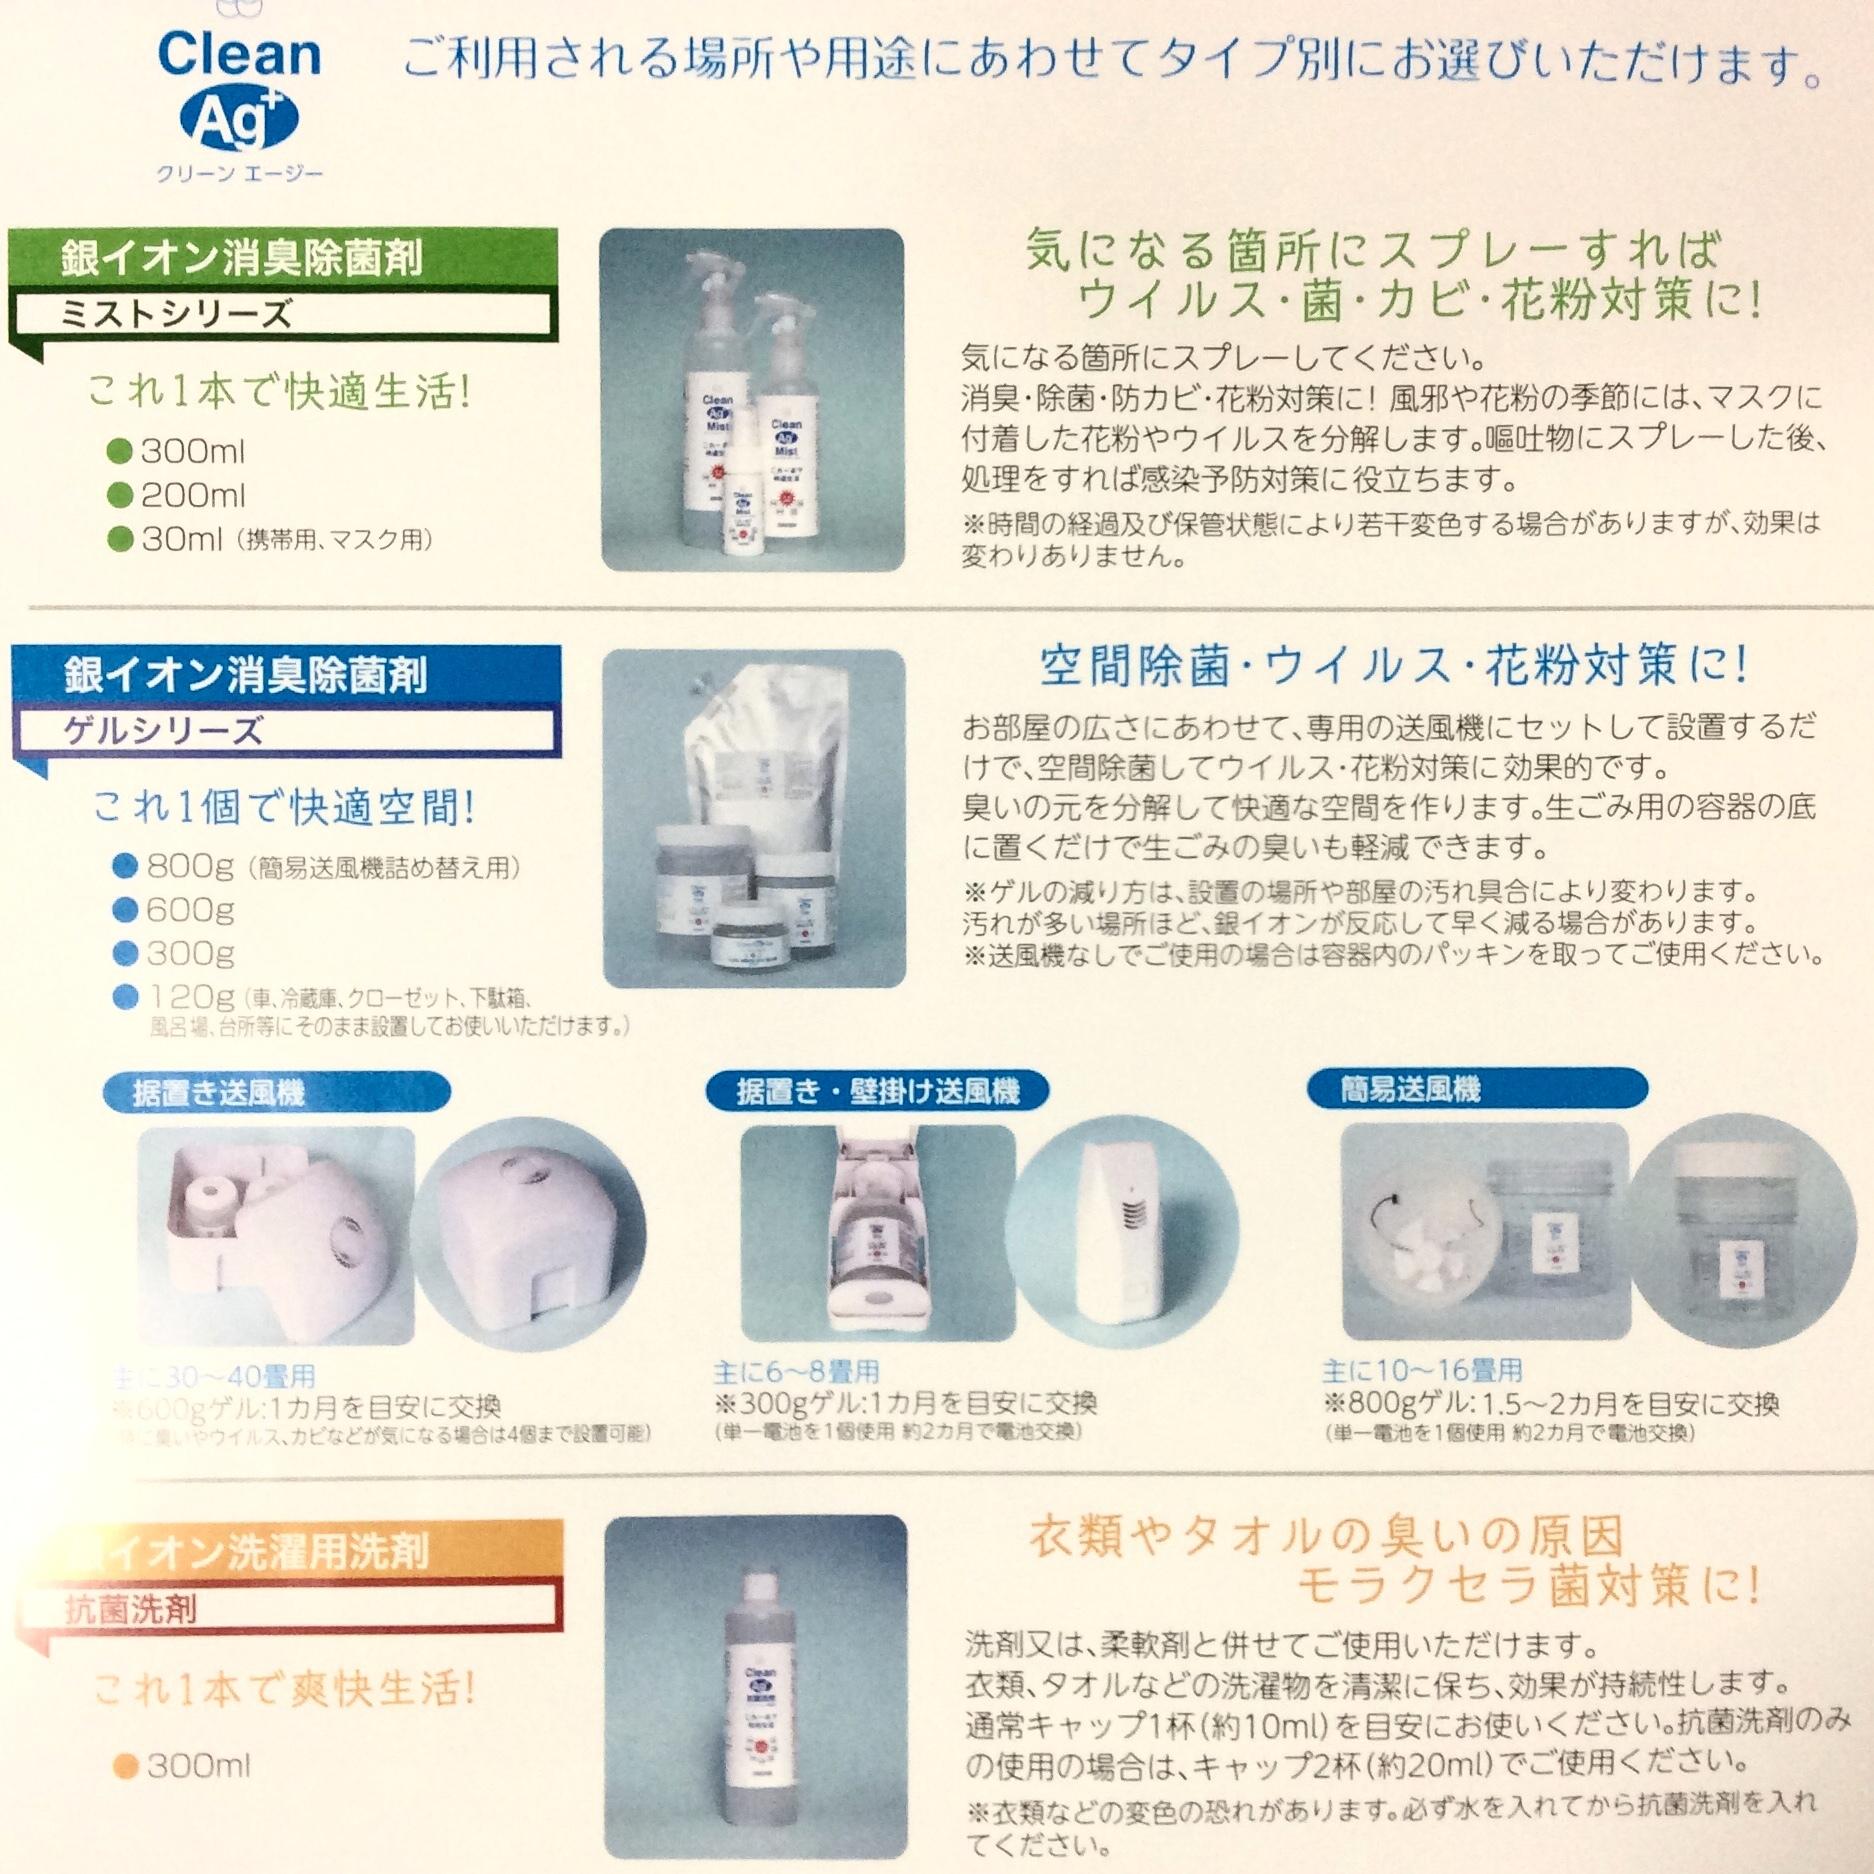 F5387A73-E3E1-4FF4-AC4A-62149F60B785.jpeg